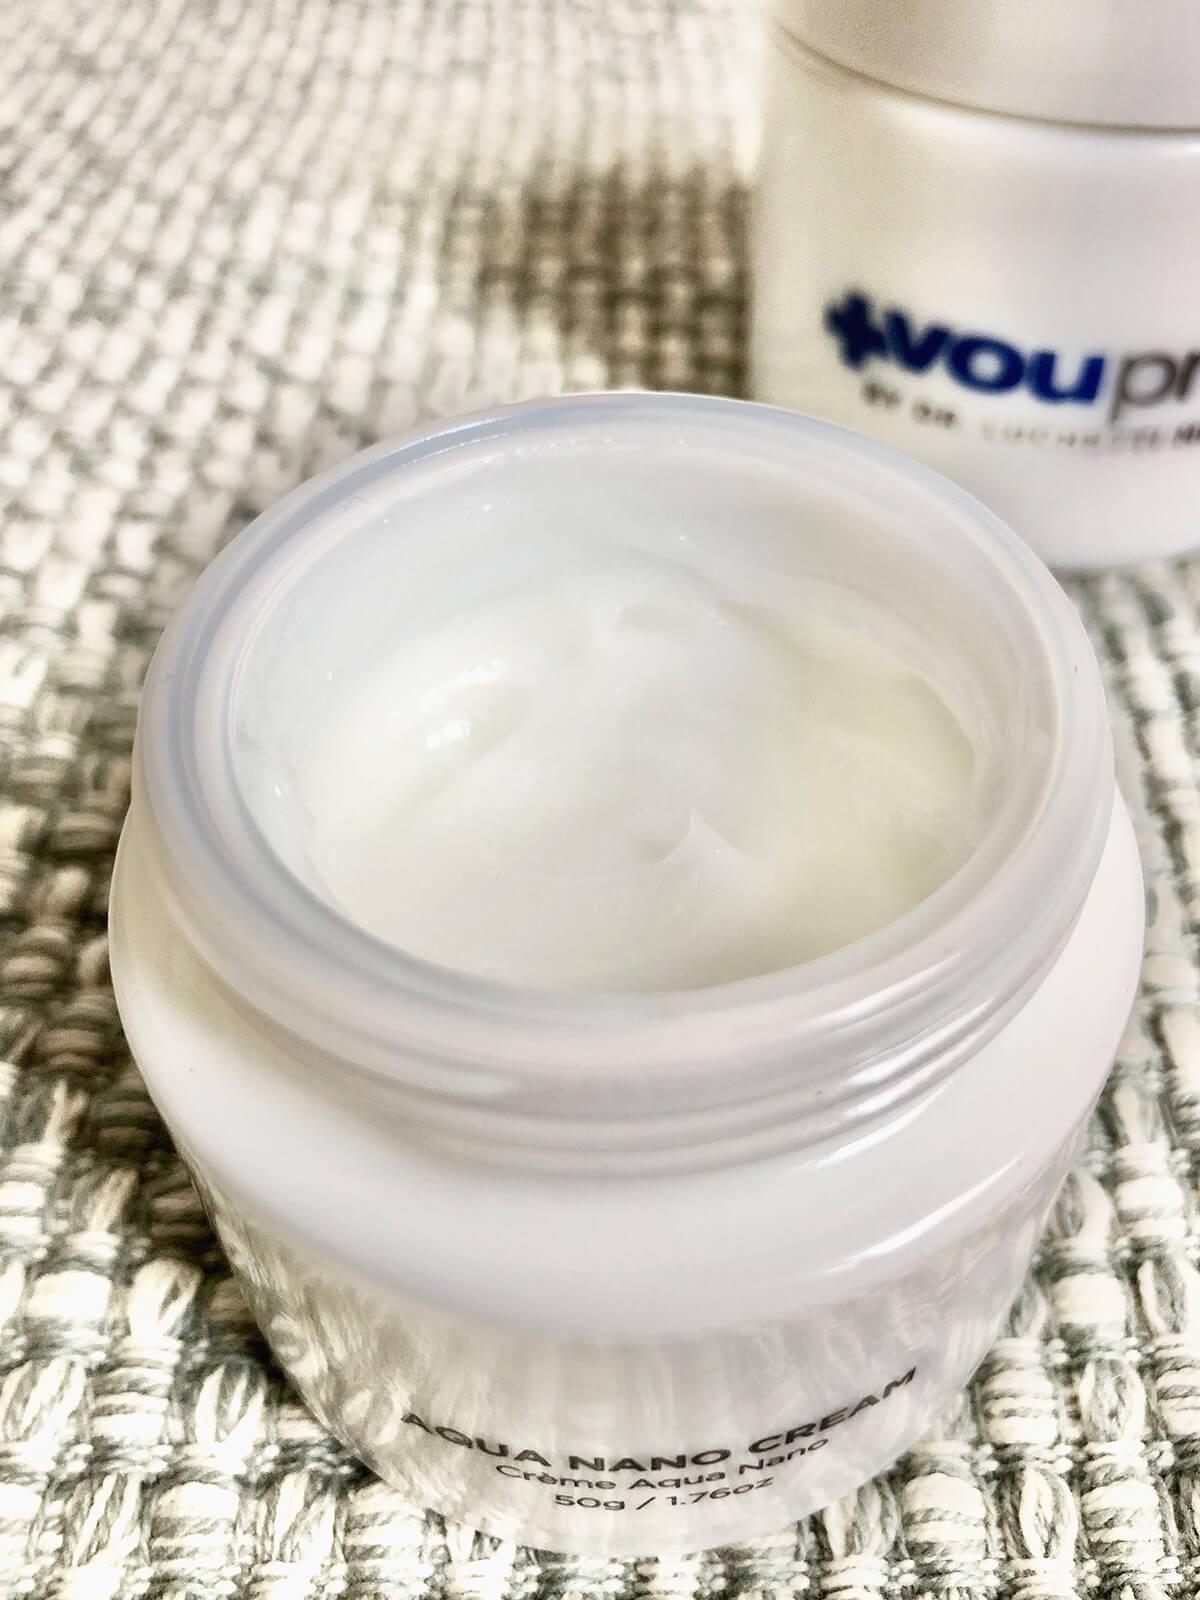 Vou Pre Aqua Nano Cream